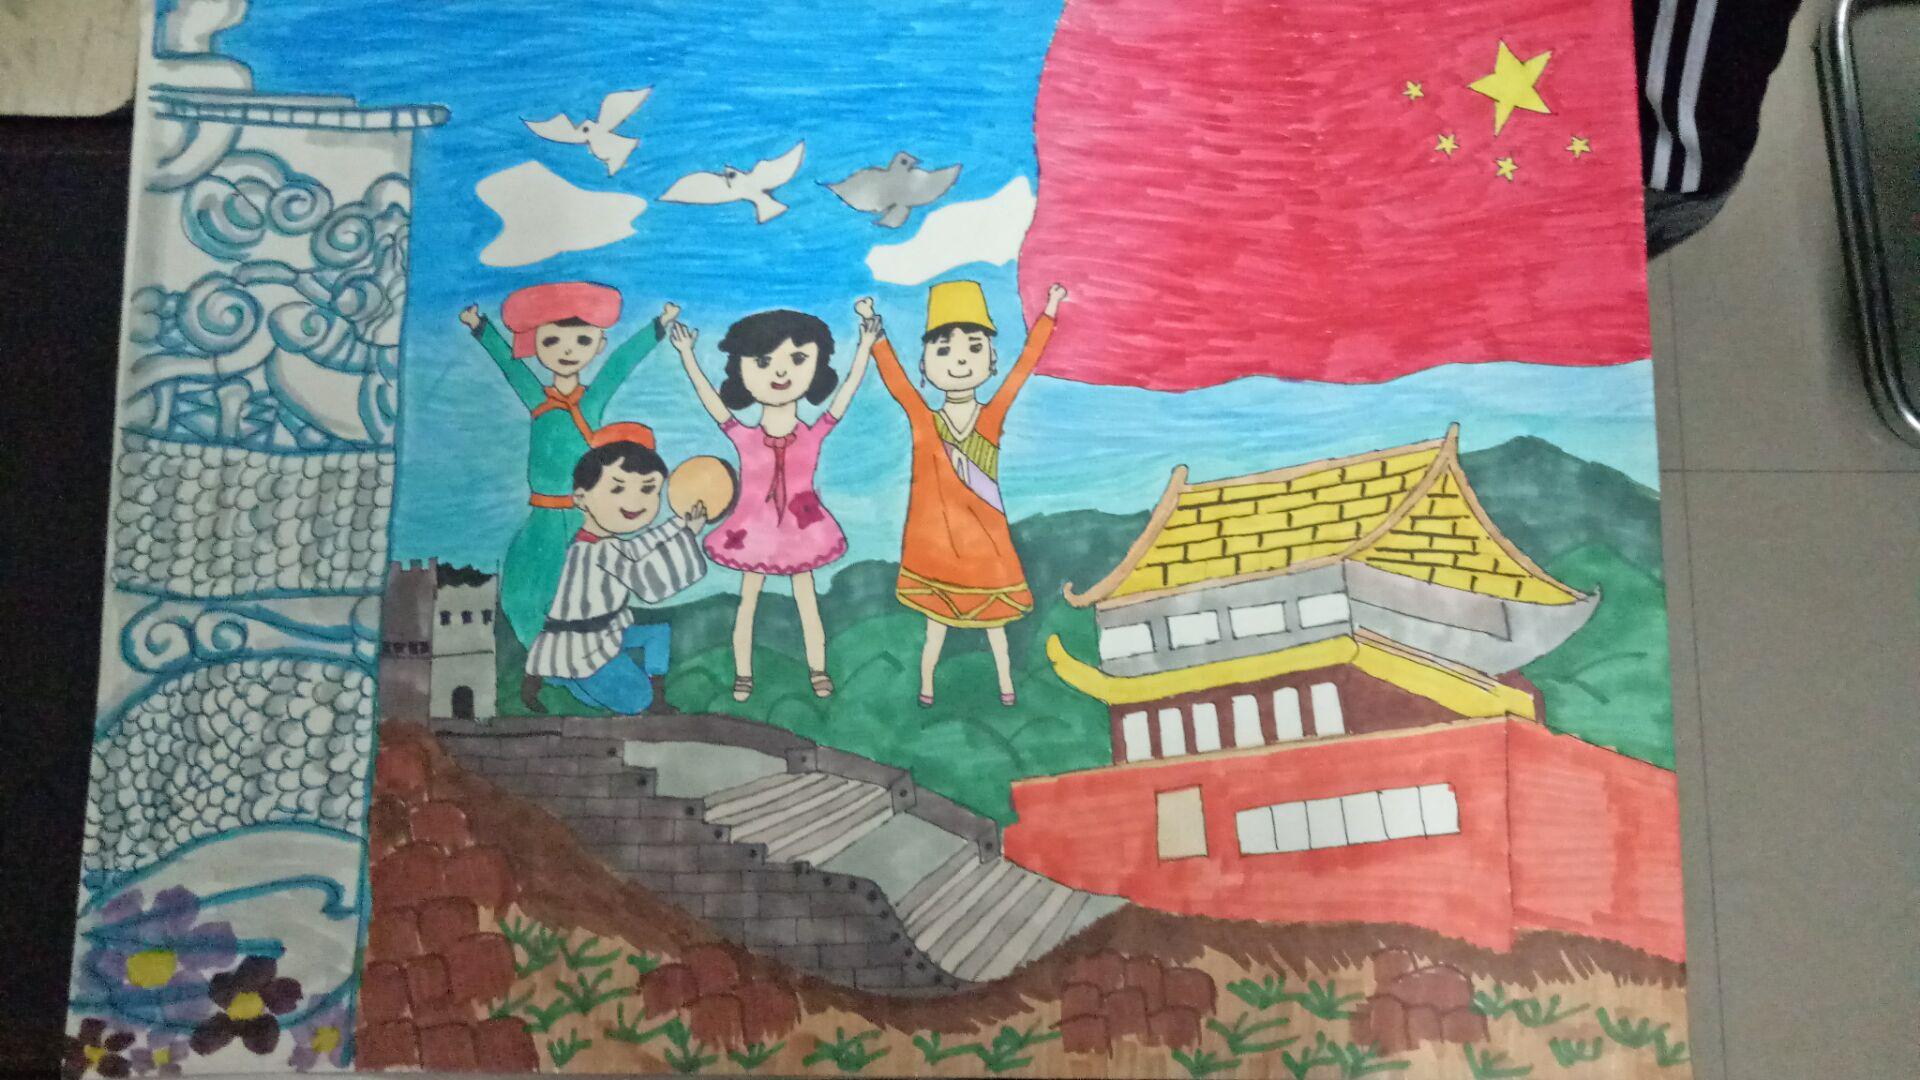 第一中学举办 民族团结一家亲 绘画手工作品展活动 教研论文上传 活